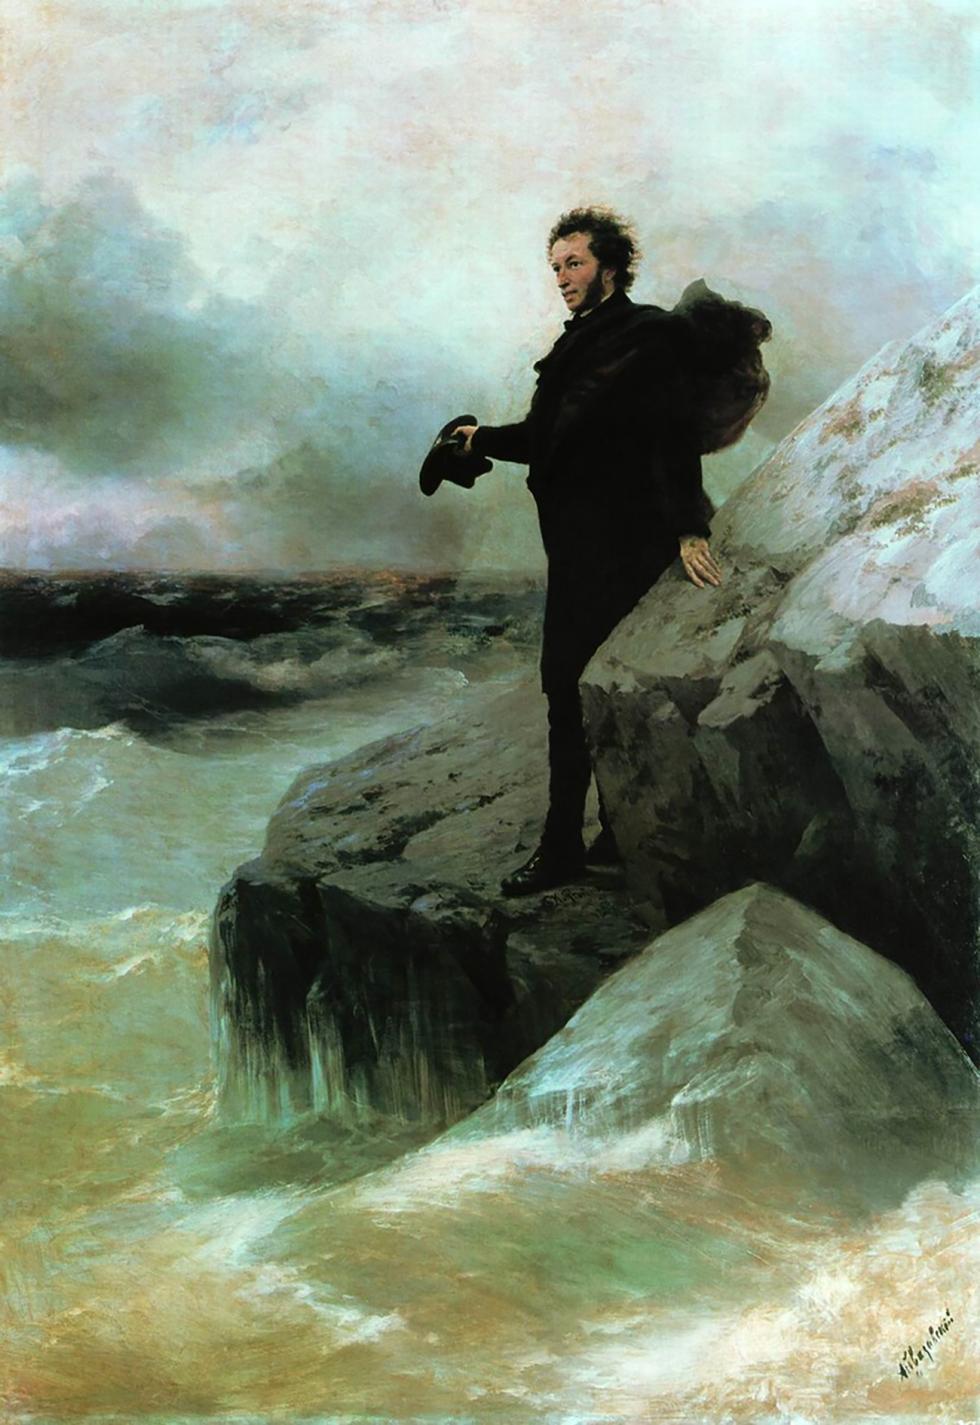 《普希金告别大海》,伊凡·艾瓦佐夫斯基。